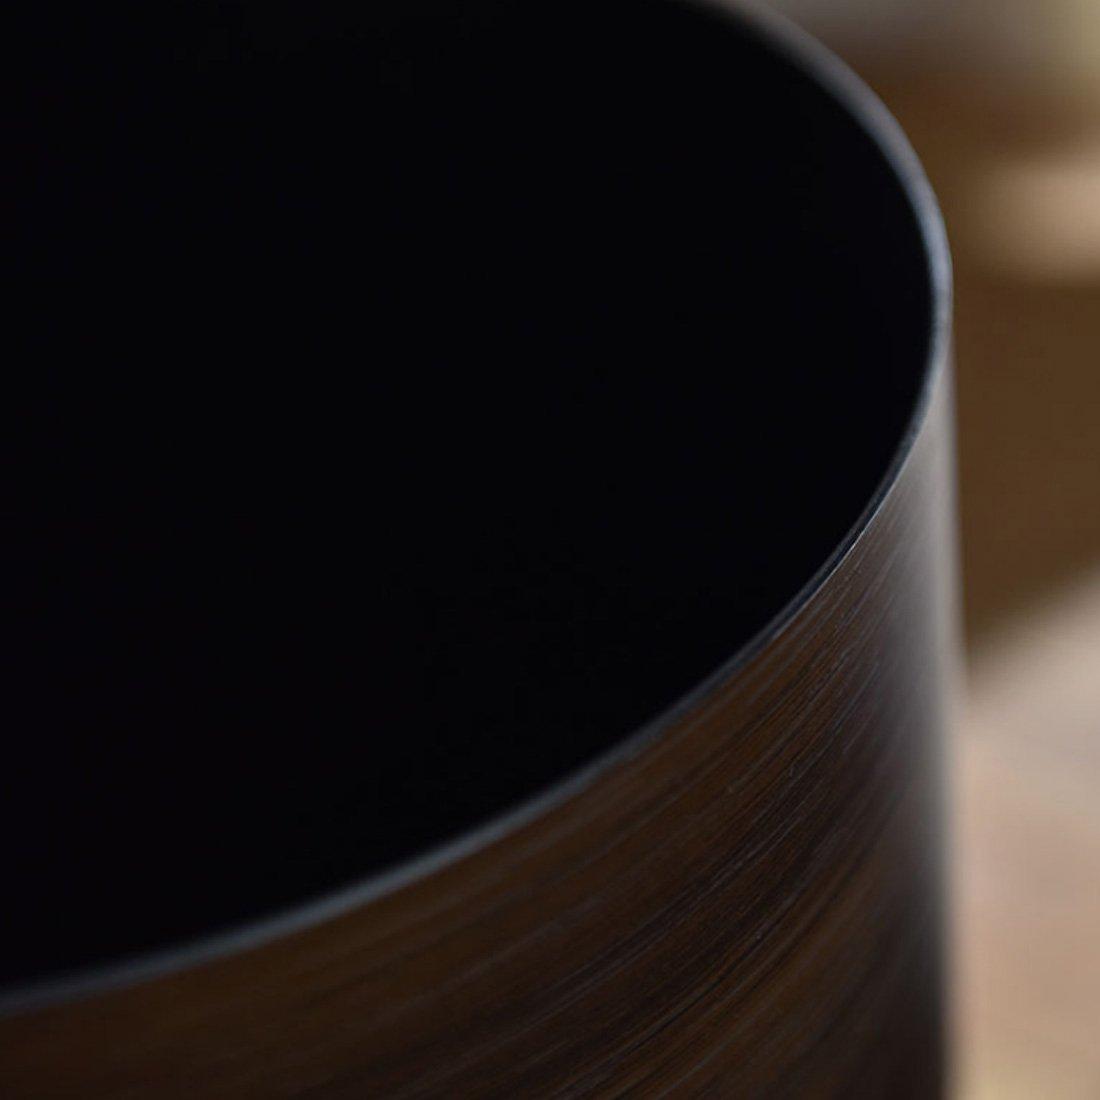 OIURV 10L Retro Stil M/ülleimer Papierk/örbe Mimetisches Holz Kunststoff ohne Deckel Abfalleimer f/ür B/üro Badezimmer Schlafzimmer k/üche Braun